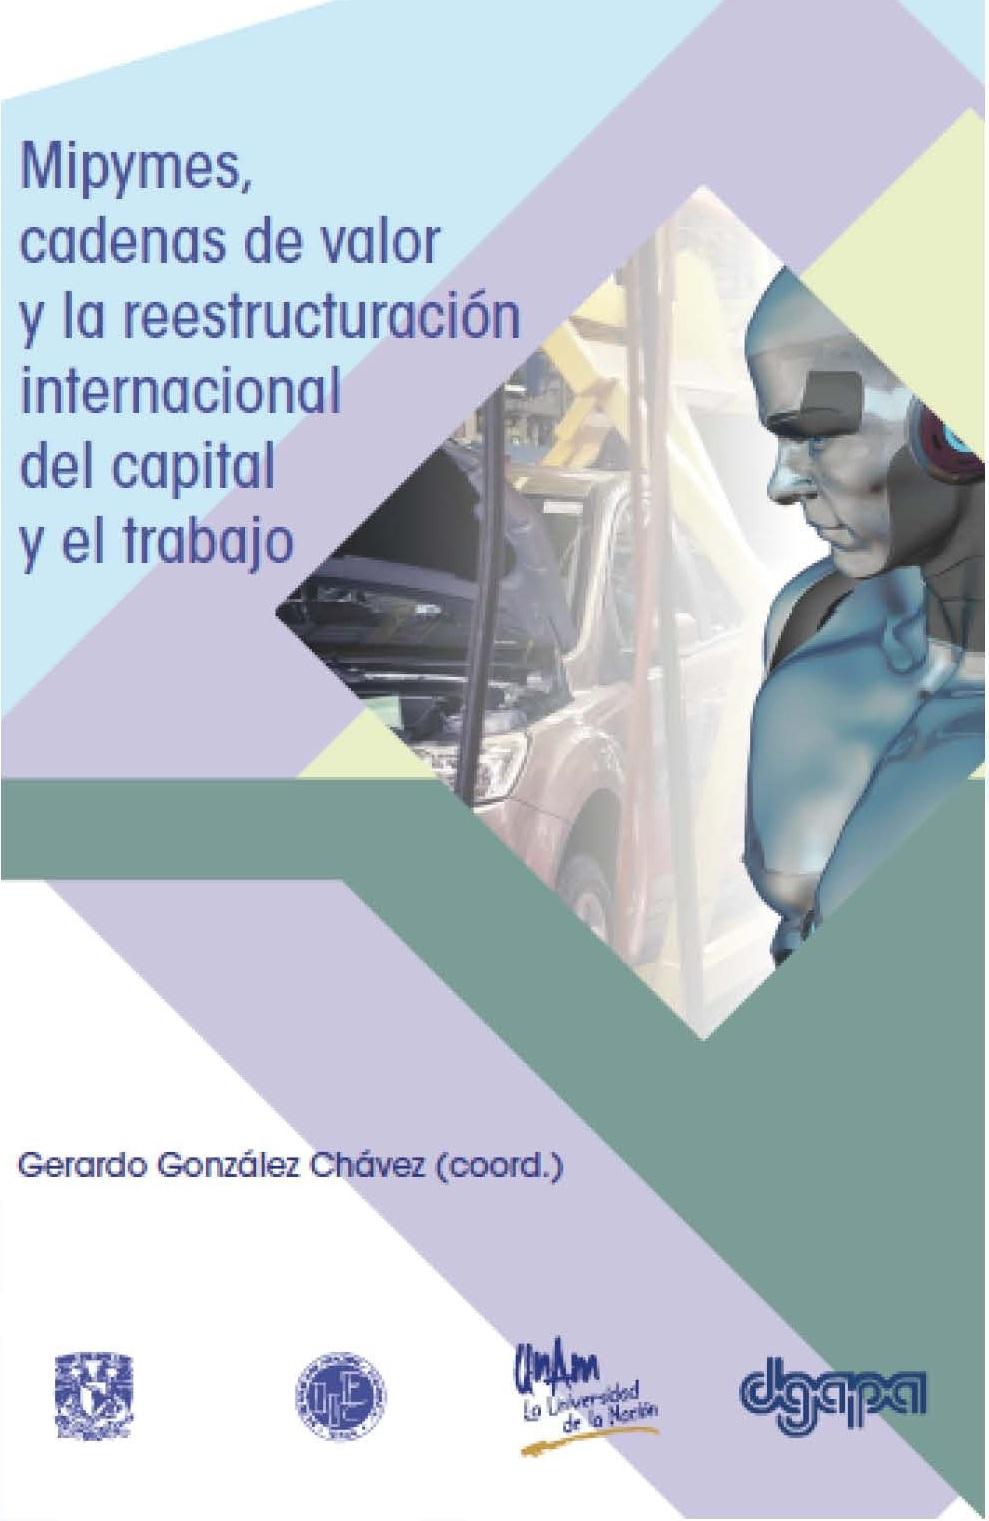 Mipymes, cadenas de valor y la reestructuración internacional del capital y el trabajo